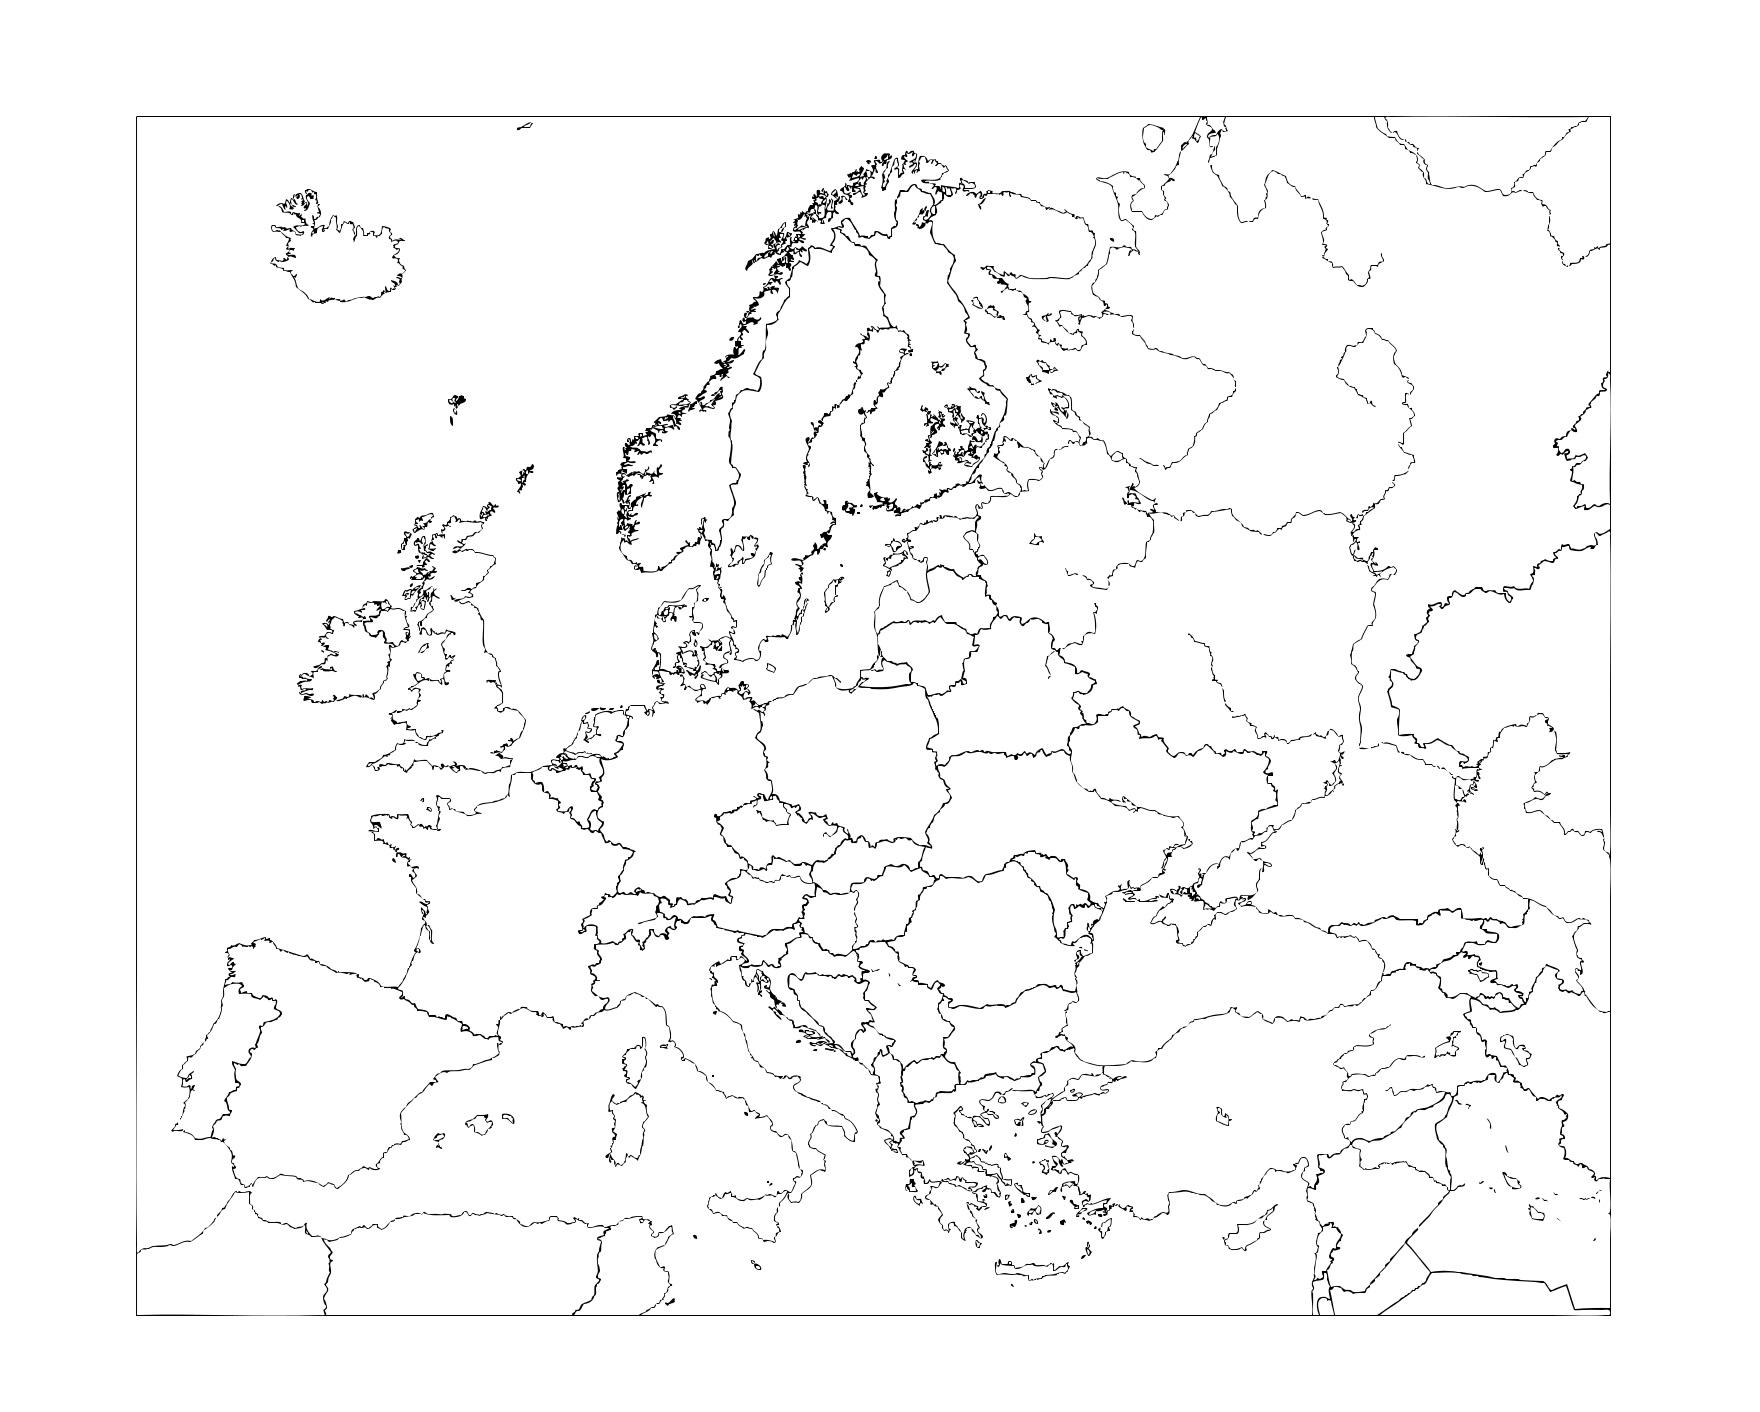 Mapa Mudo De Europa Politico.Mapa De Europa Politico Fisico Mudo Estan Todos